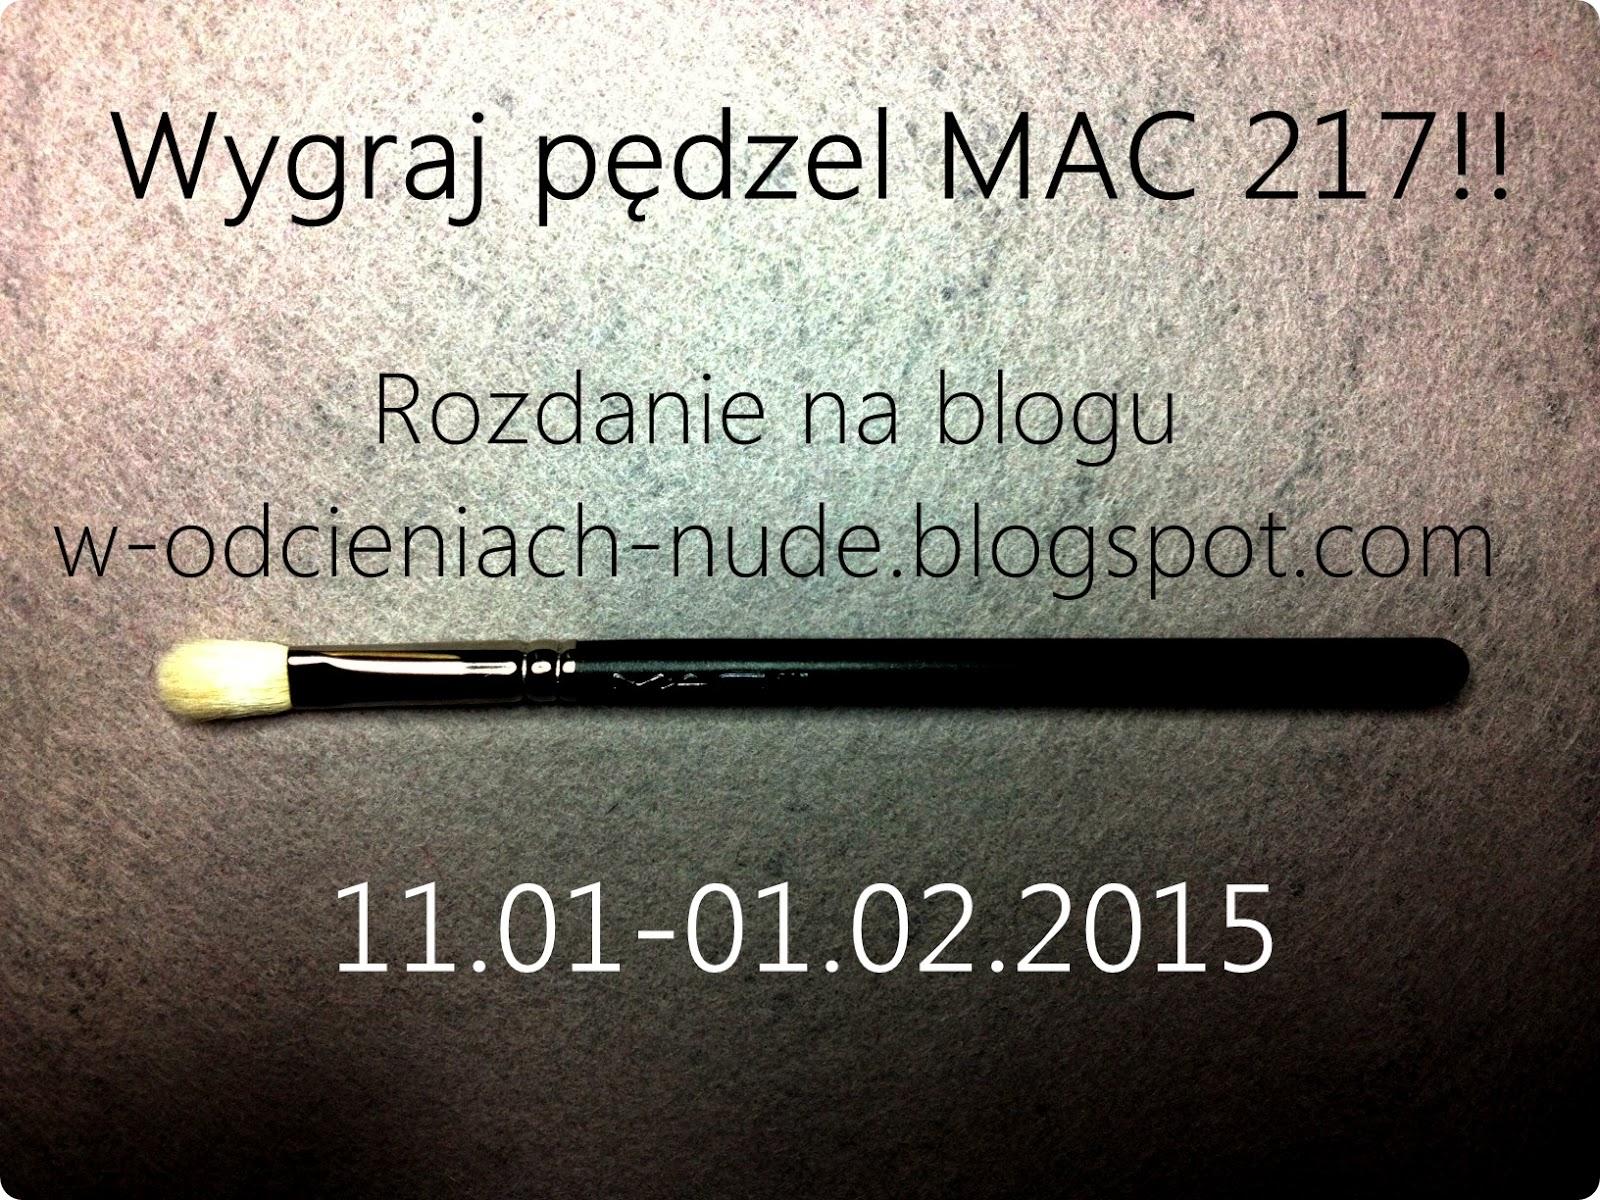 Rozdanie! Wygraj pędzel MAC 217